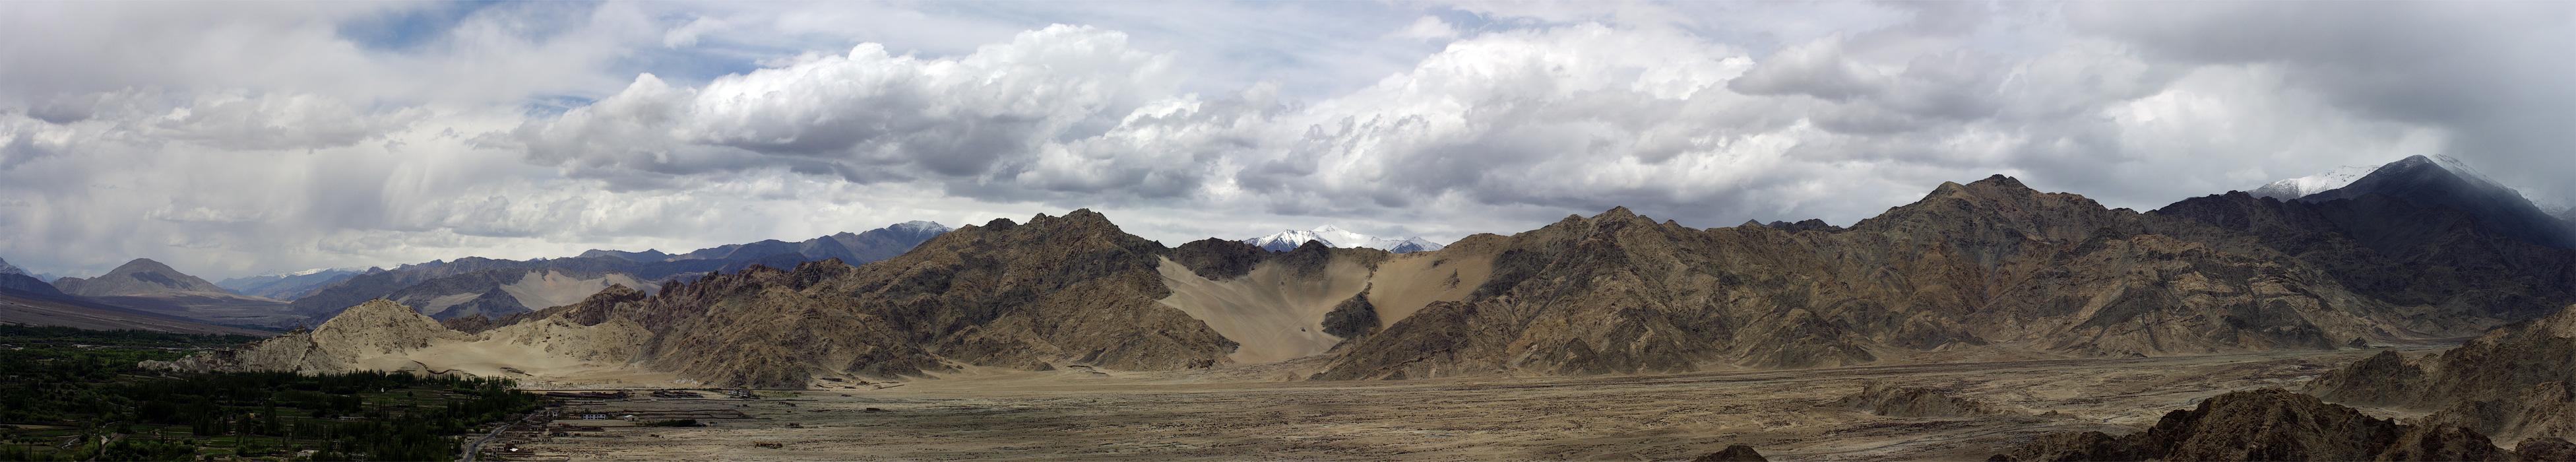 Долина Ле. Ладакх, Индия. Панорамы Гималаев